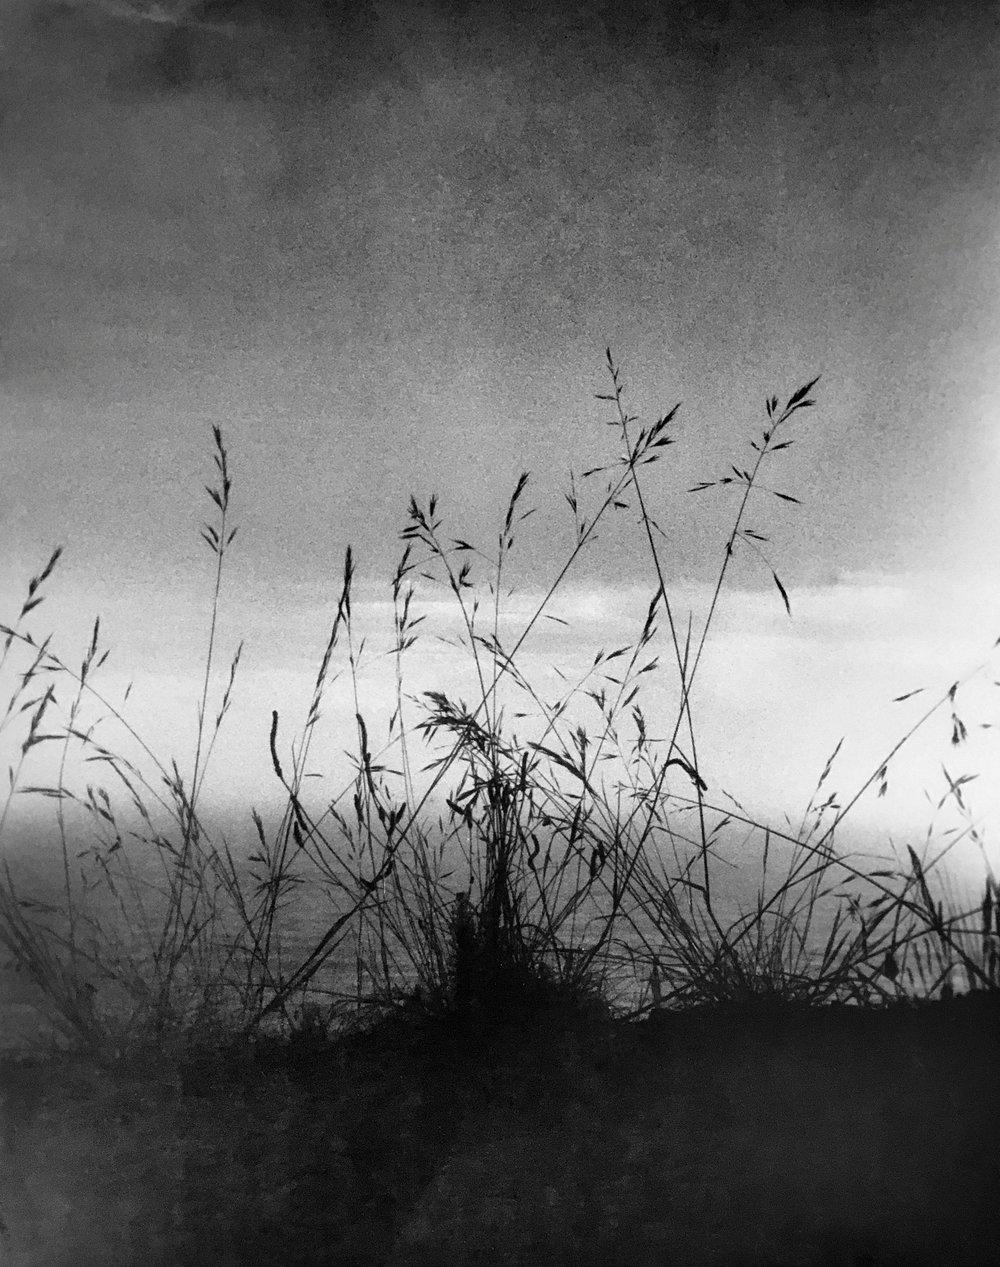 Summer Grass, 2001